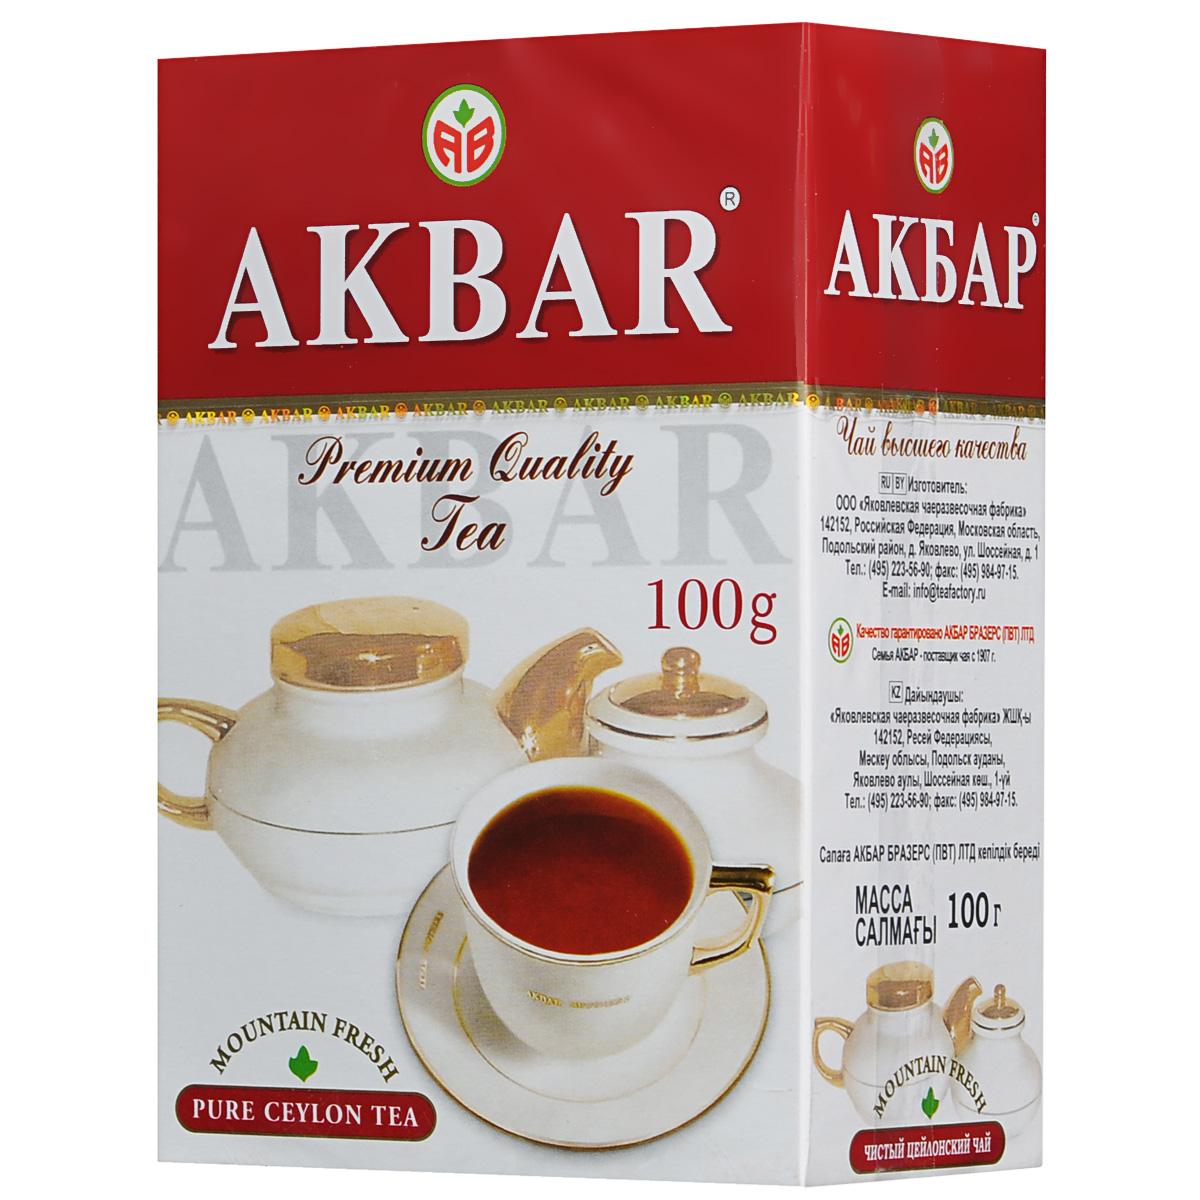 Akbar Mountain Fresh черный крупнолистовой чай, 100 г1041230Чай Akbar Mountain Fresh стандарта OPA – напиток для истинных ценителей вкуса и аромата крупнолистового чая высшего качества. При его производстве используются специальные технологии, позволяющие максимально сократить механическое воздействие на чайный лист. Чай Akbar Mountain Freshдает крепкий настой с насыщенным вкусом и густым неповторимым ароматом.Уважаемые клиенты!Обращаем ваше внимание на возможные изменения в дизайне упаковки. Качественные характеристики товара остаются неизменными. Поставка осуществляется в зависимости от наличия на складе.